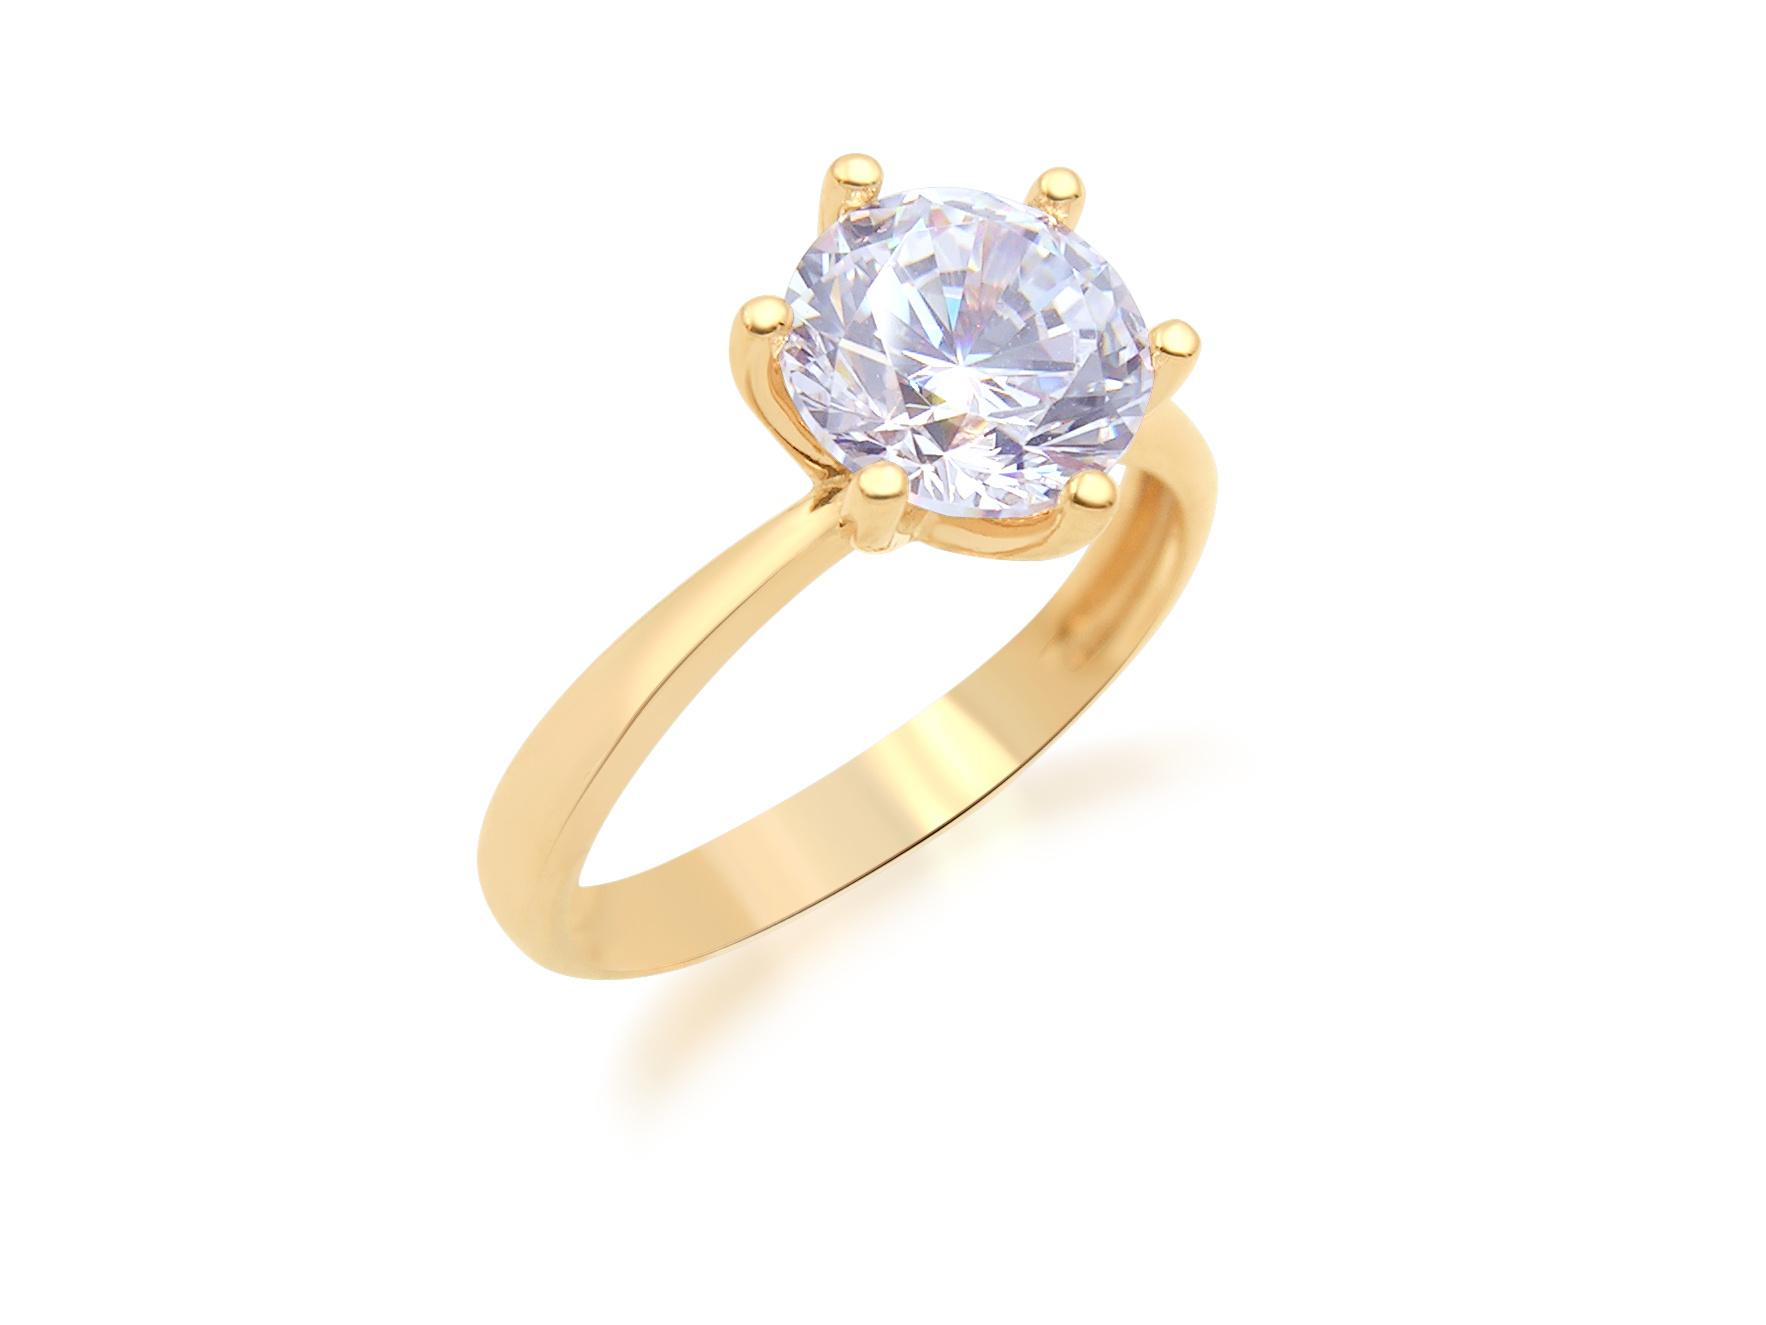 18 karat rose gold engagement ring with zirconia